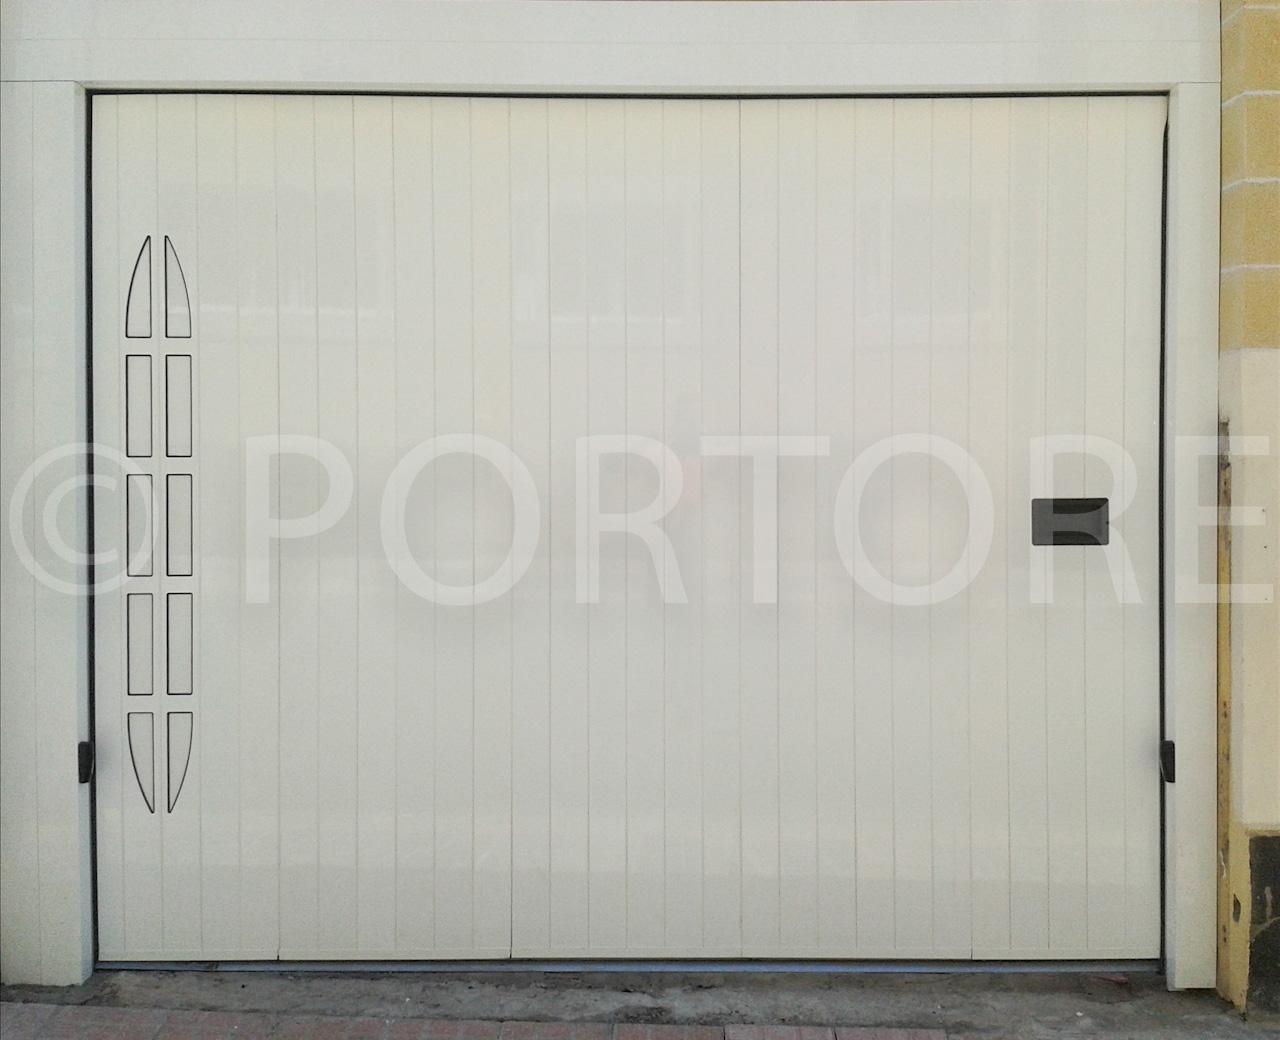 Portore s a puerta corredera curva de alumnio - Puerta aluminio corredera ...